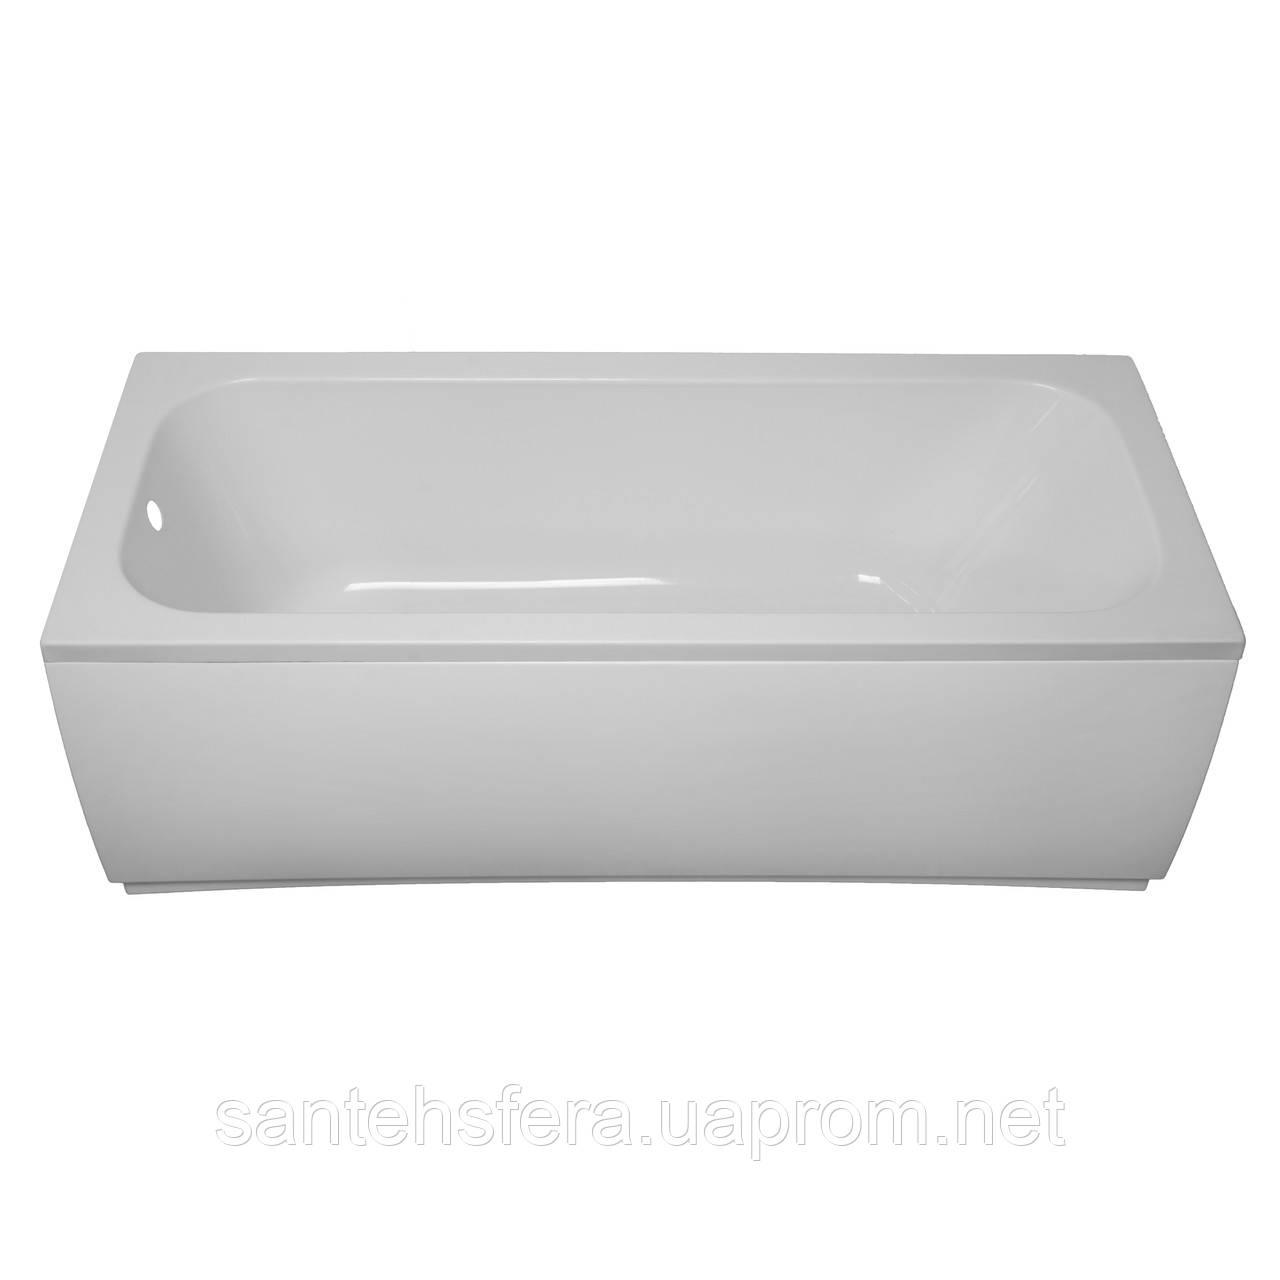 Акриловая ванна ALTEA Volle